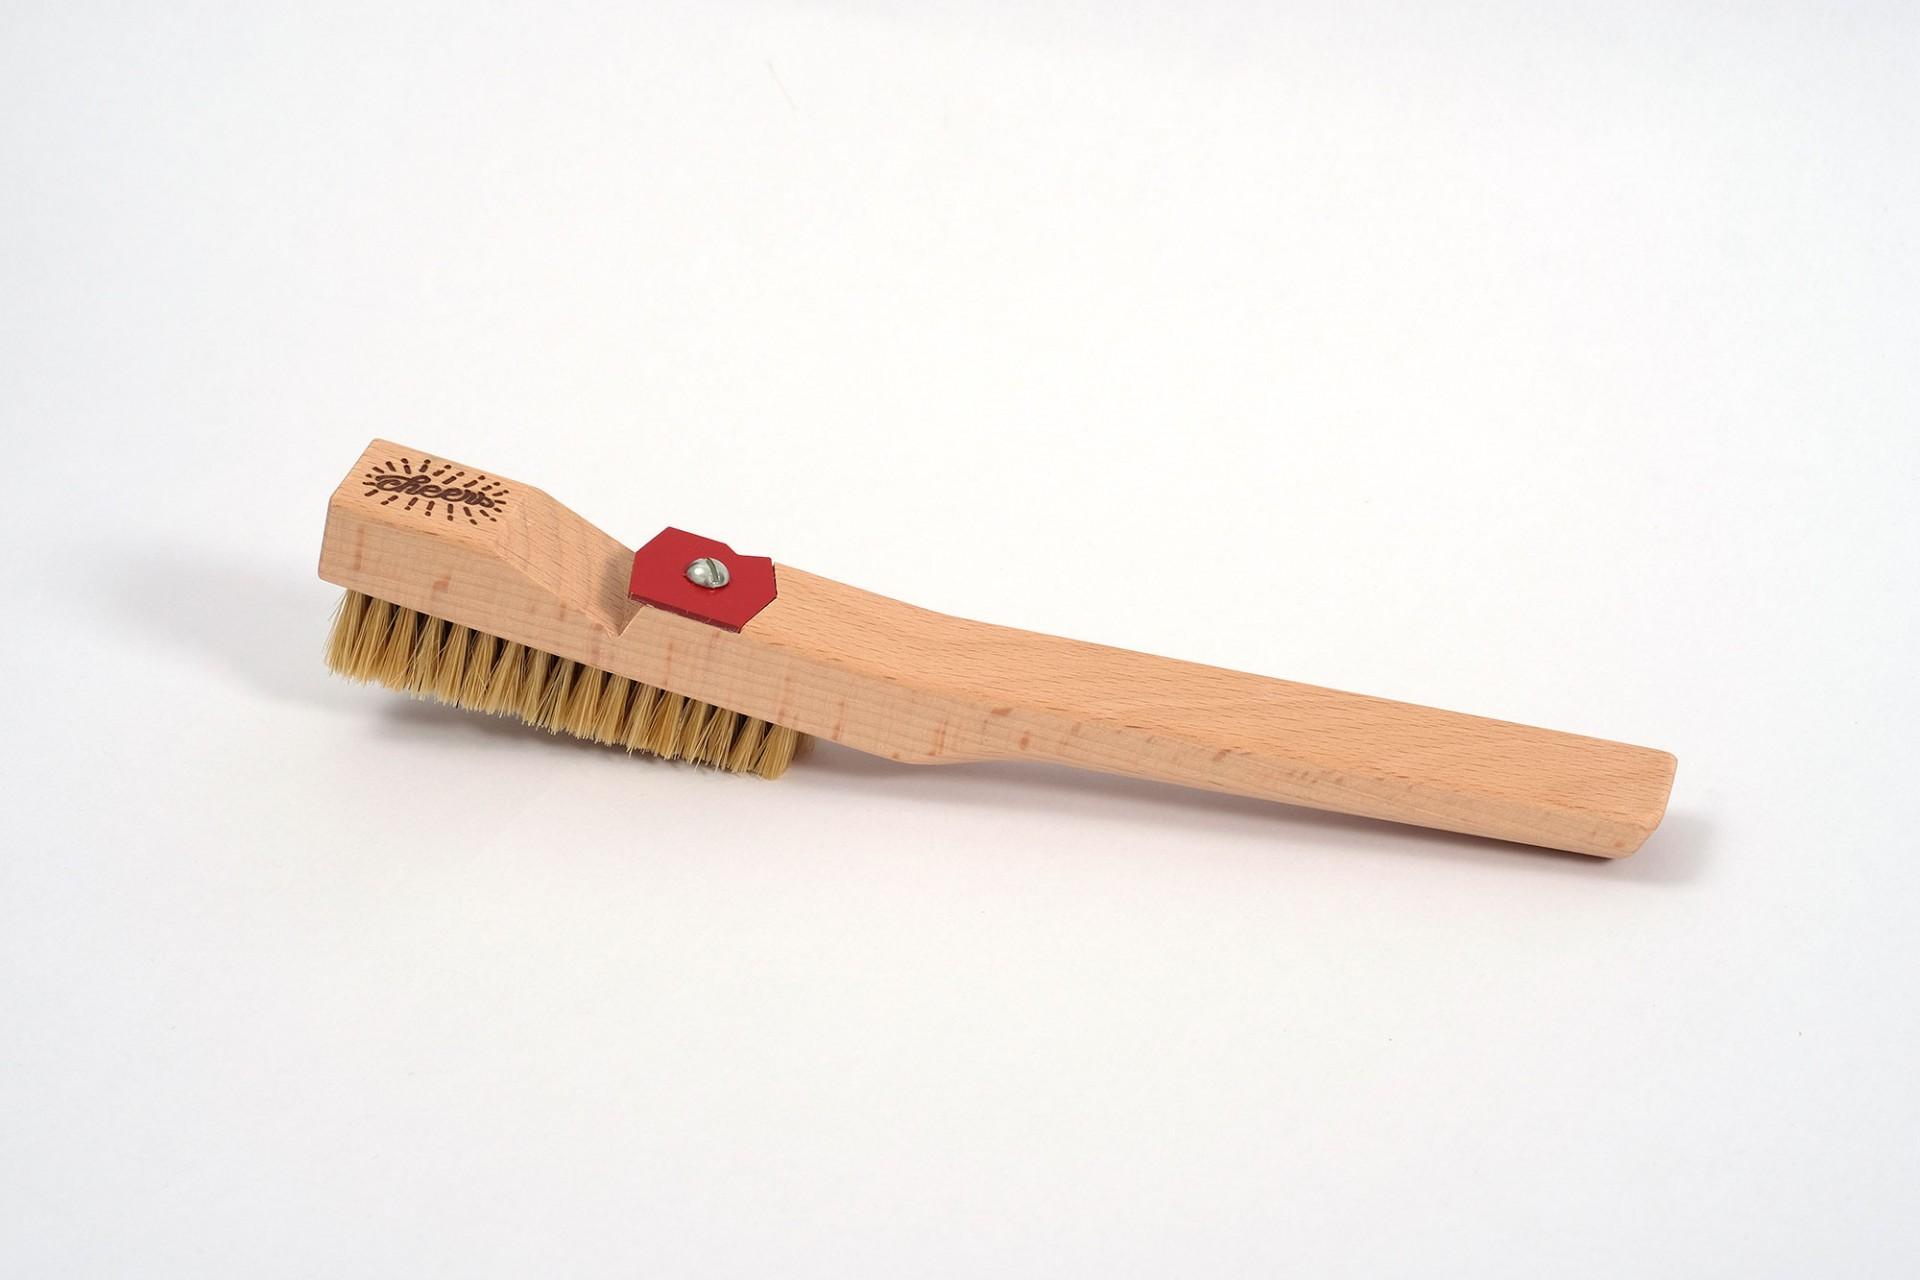 Escova de Escalada - Ropeless